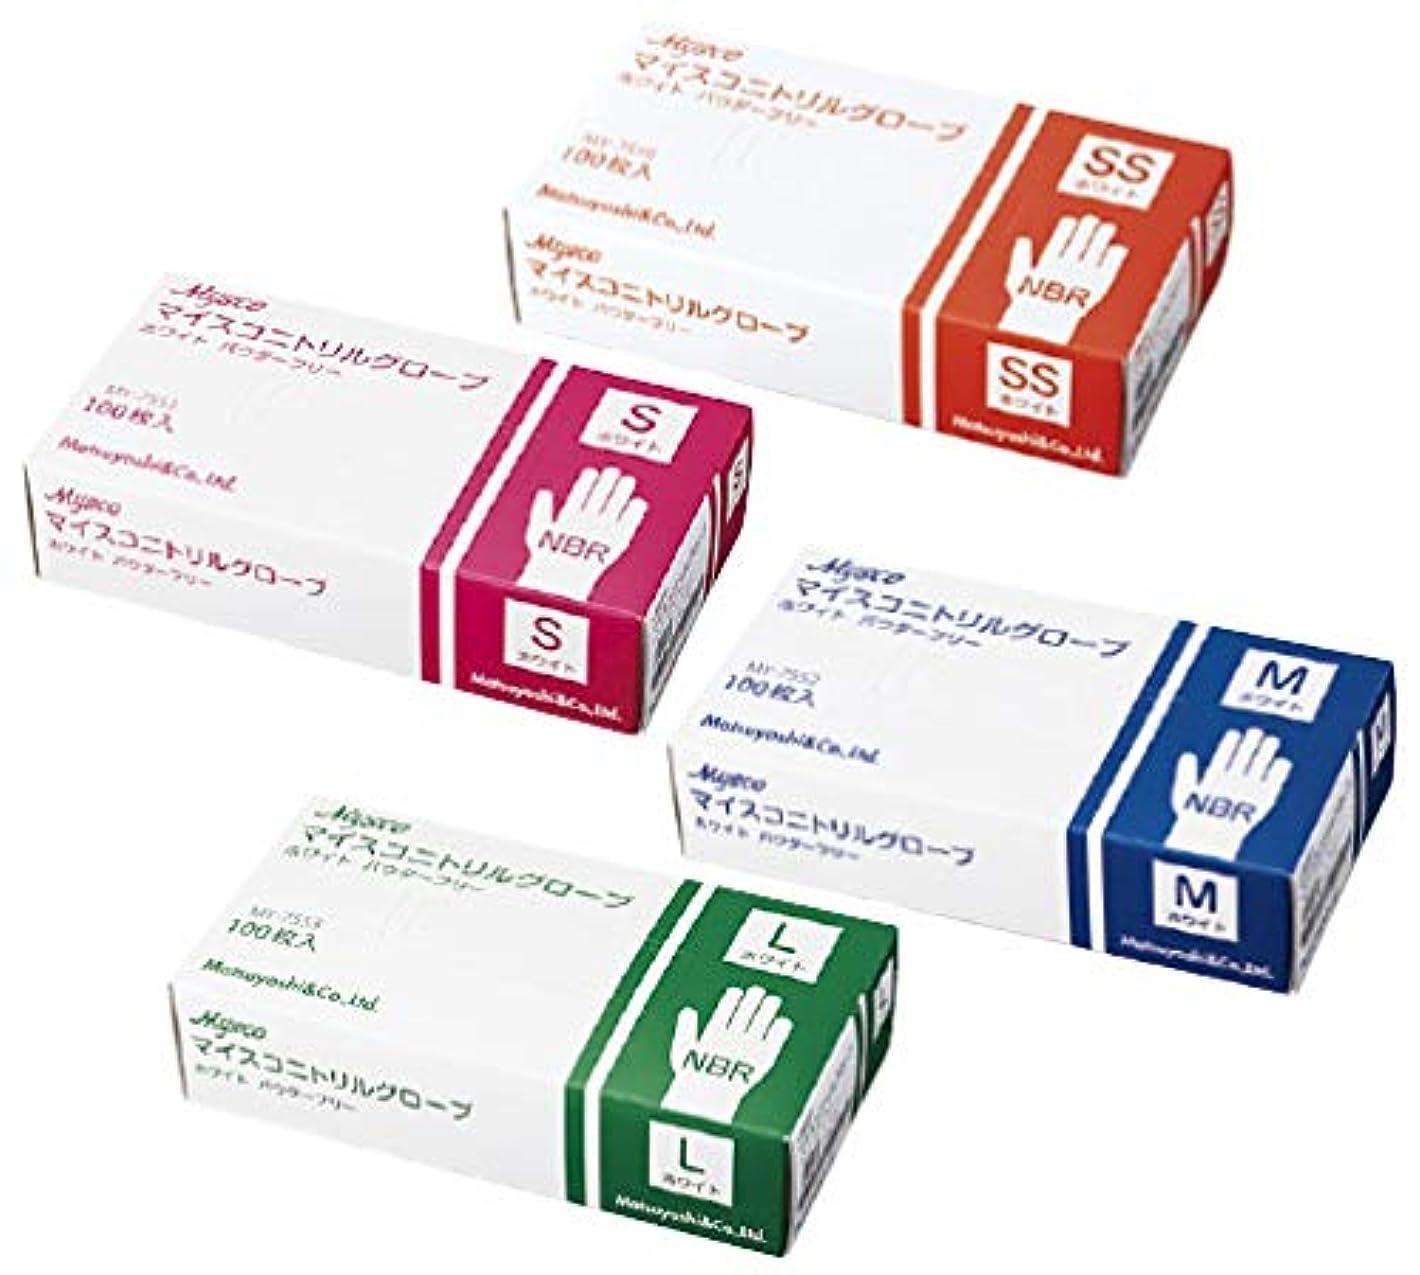 マイスコ ニトリルグローブ ホワイト 粉なし S 100枚入 3箱